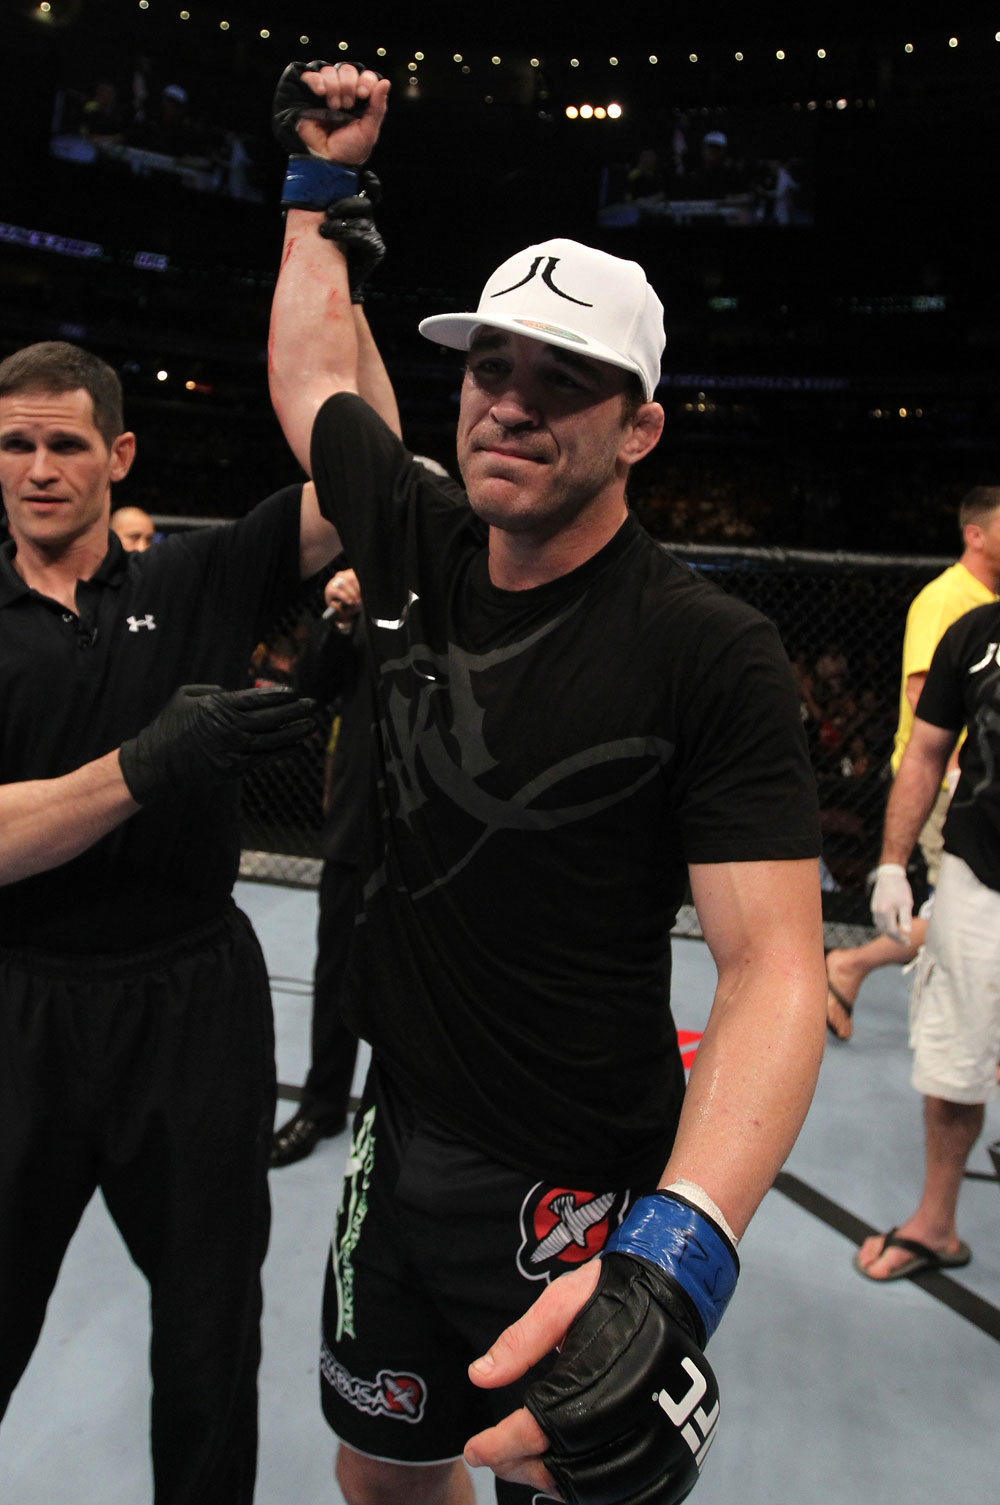 UFC welterweight Brian Ebersole